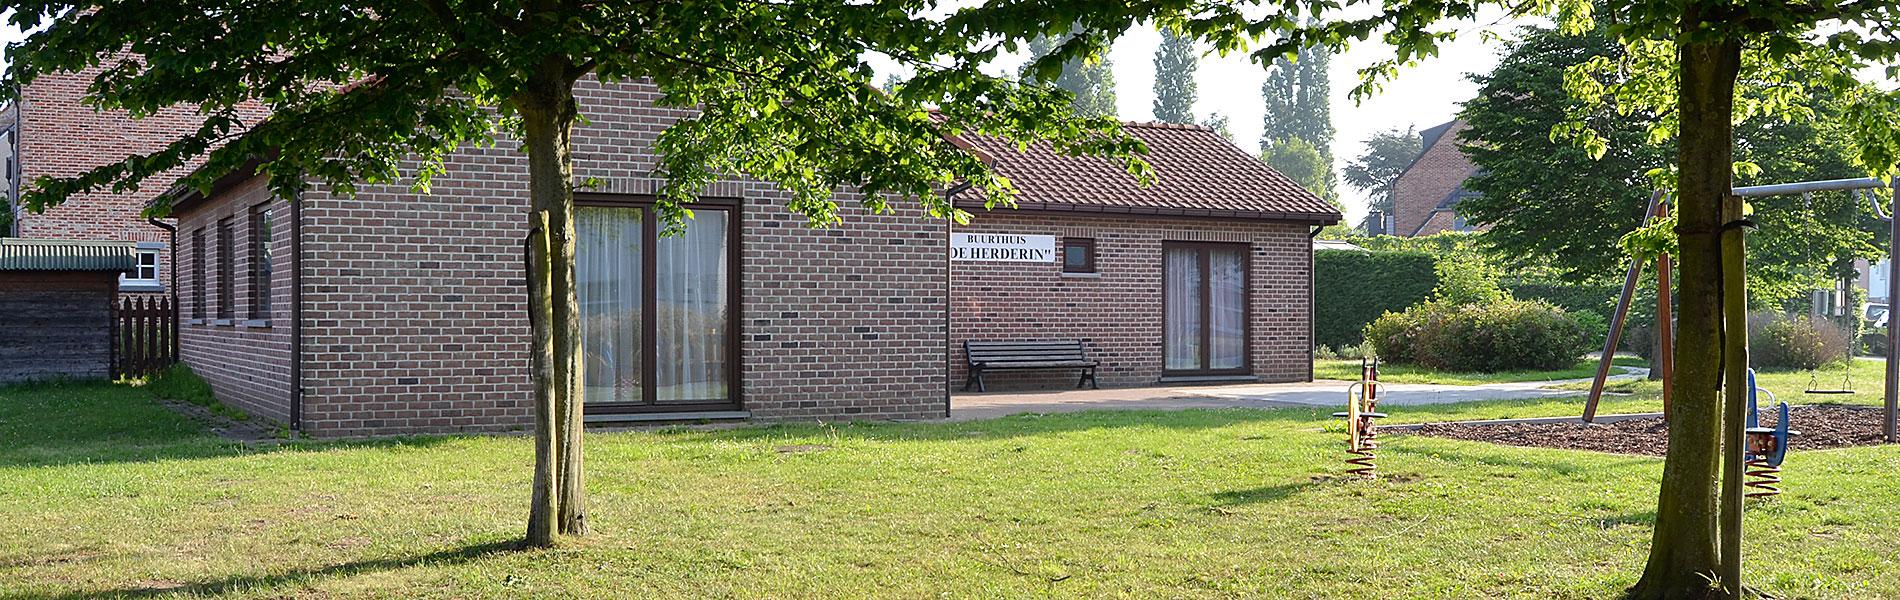 Wijkhuis De Herderin